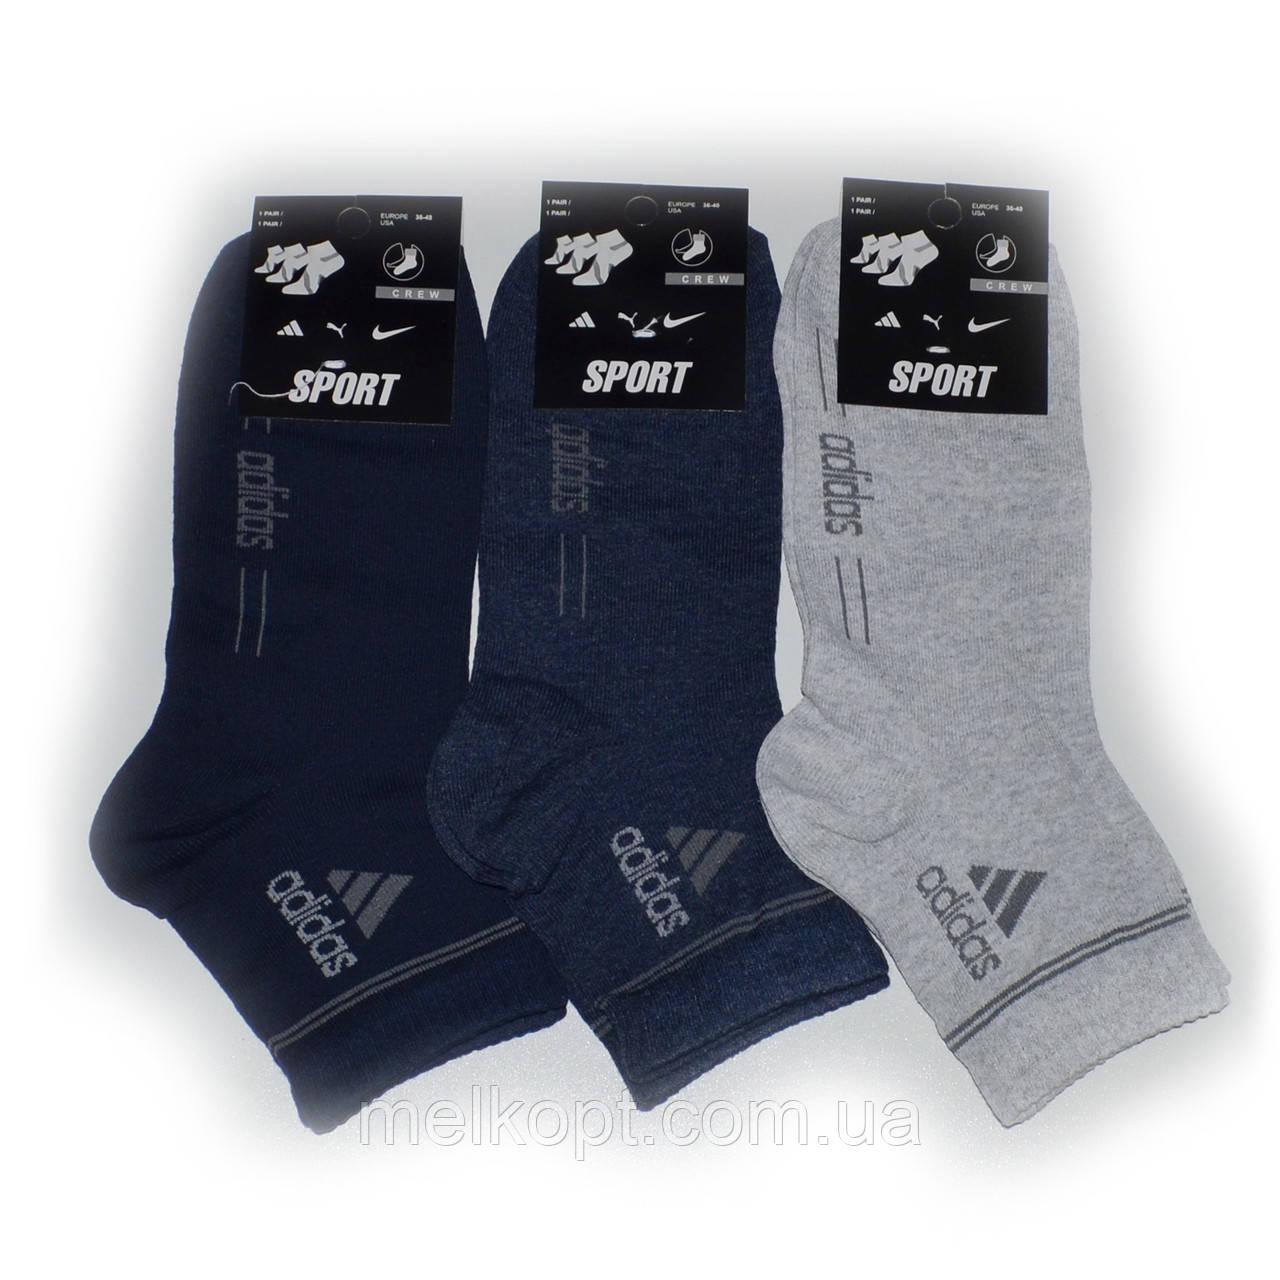 Мужские носки с надписью Adidas - 9,25 грн./пара (ассорти)